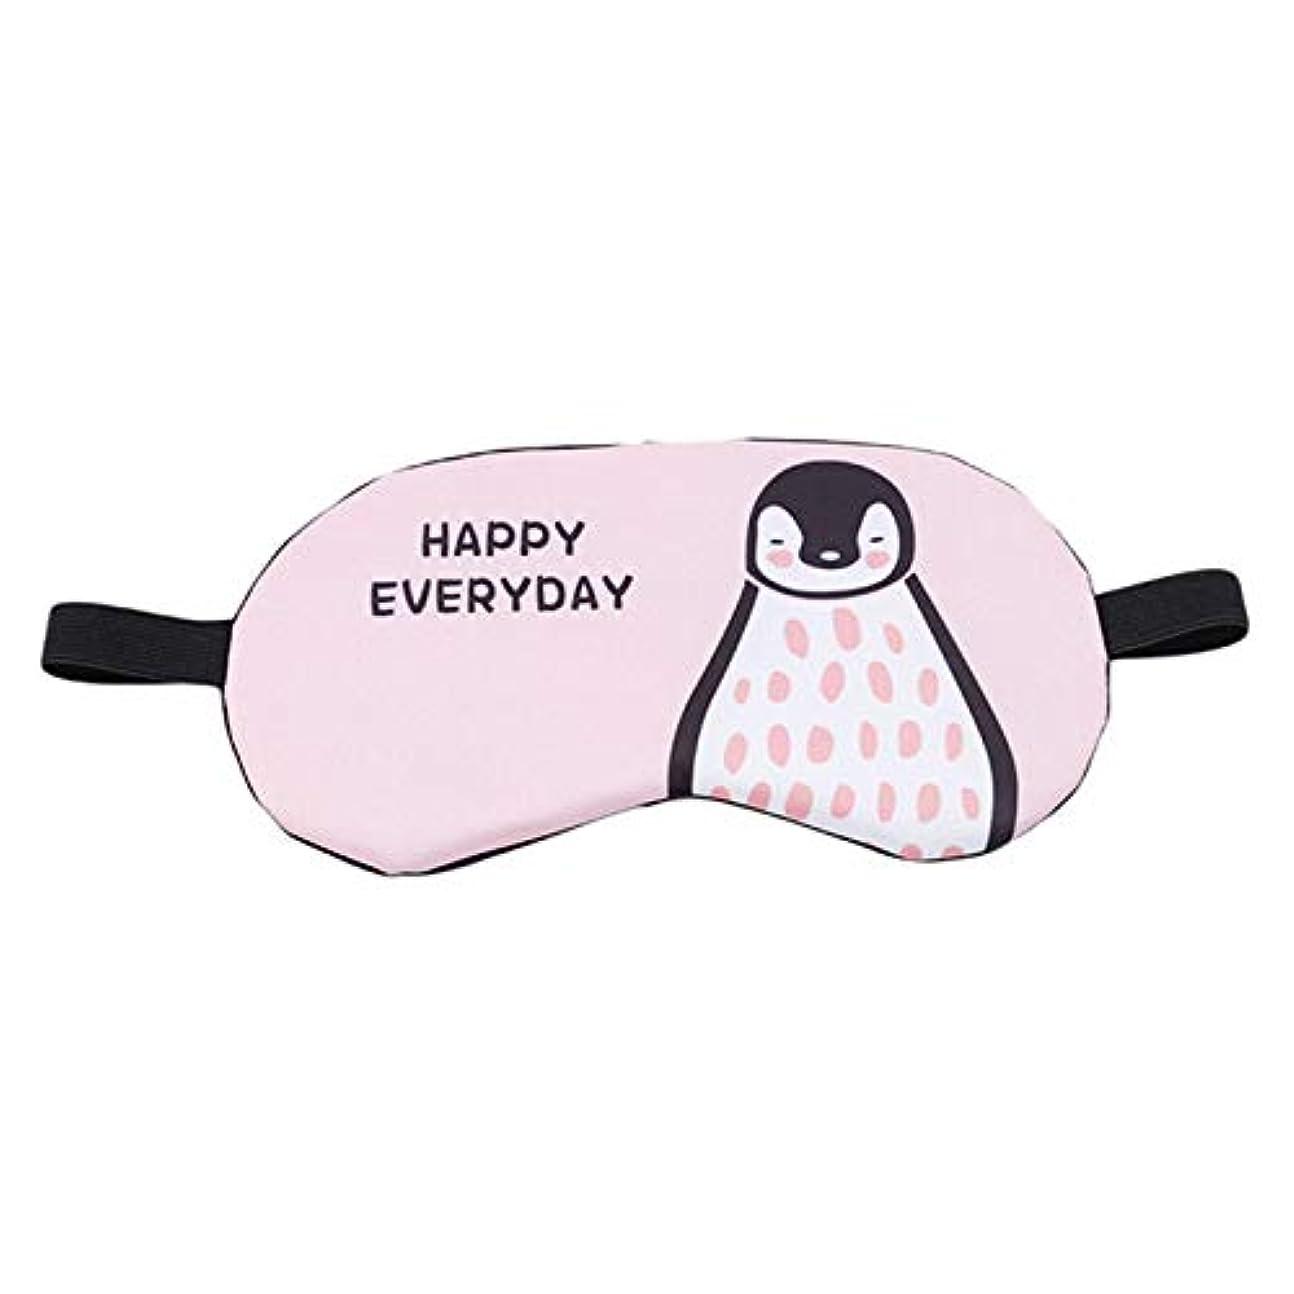 乳製品招待悪因子NOTE 1ピースマッサージリラックスアイ睡眠補助目隠しカバーアイシェードアイパッチかわいいペンギン/ベア/スリーピングマスク